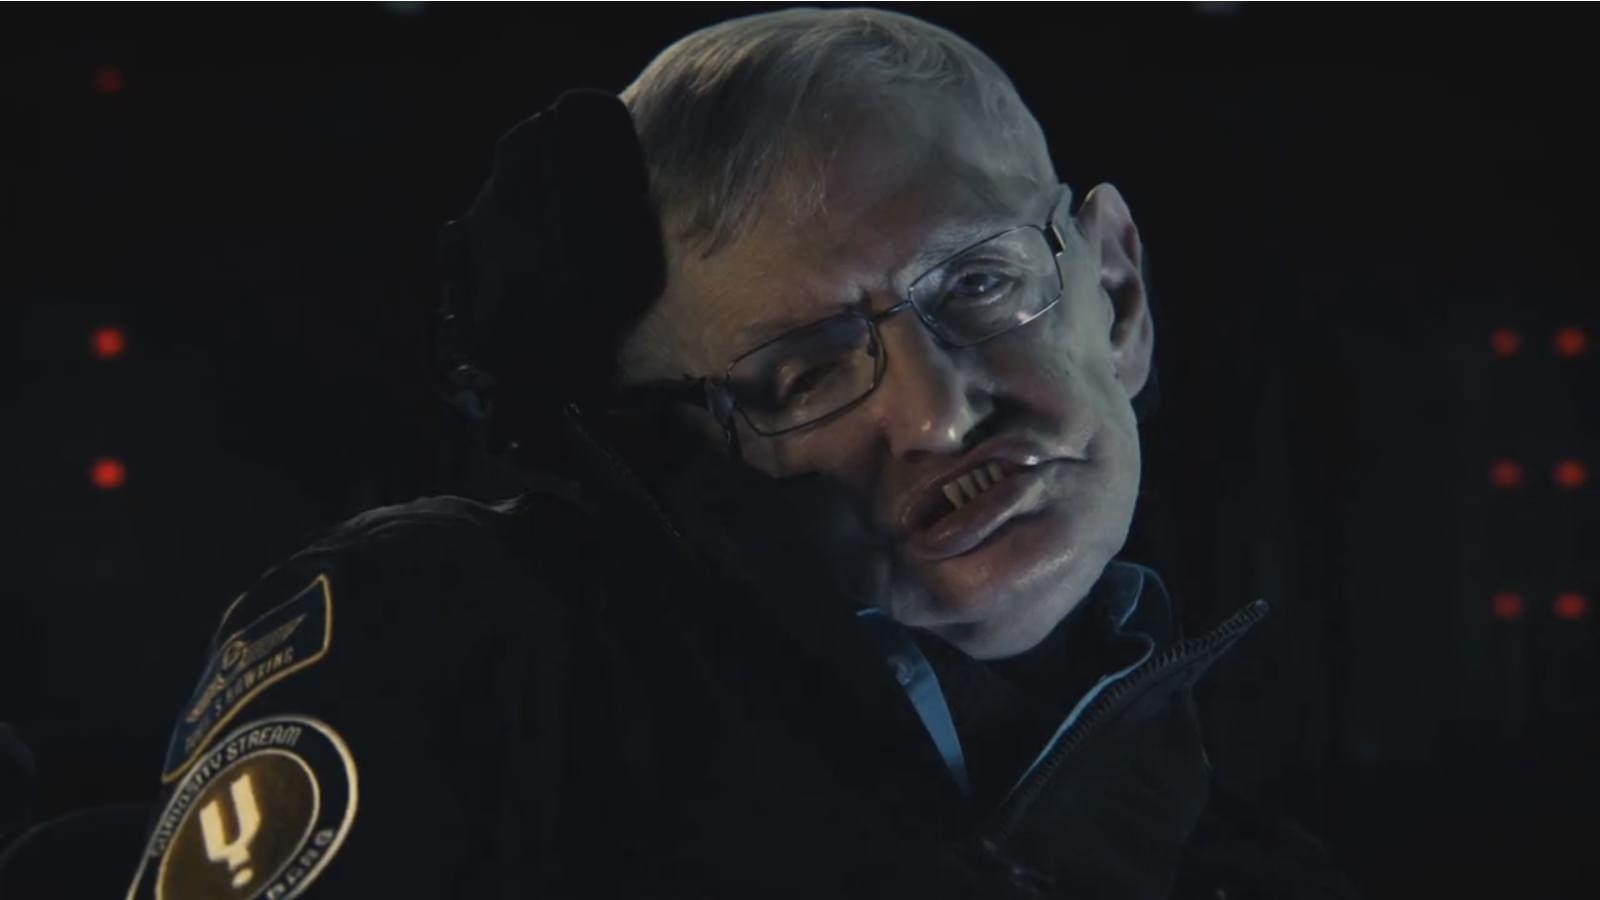 Pour l'astrophysicien Stephen Hawking, l'Humanité n'a plus que 1000 ans à vivre sur Terre